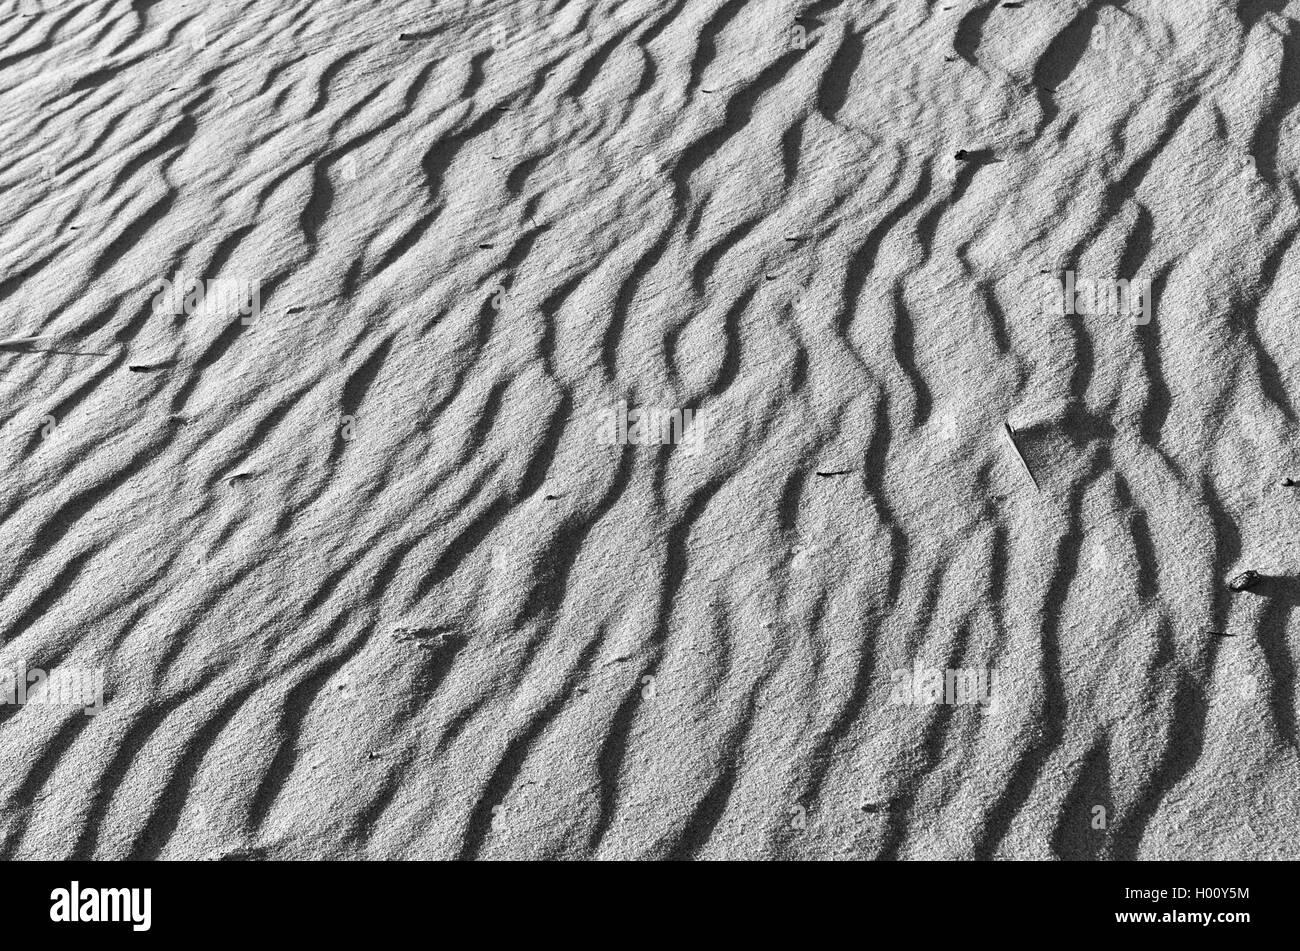 Spiaggia di sabbia texture di superficie. gli sfondi naturali e texture Immagini Stock